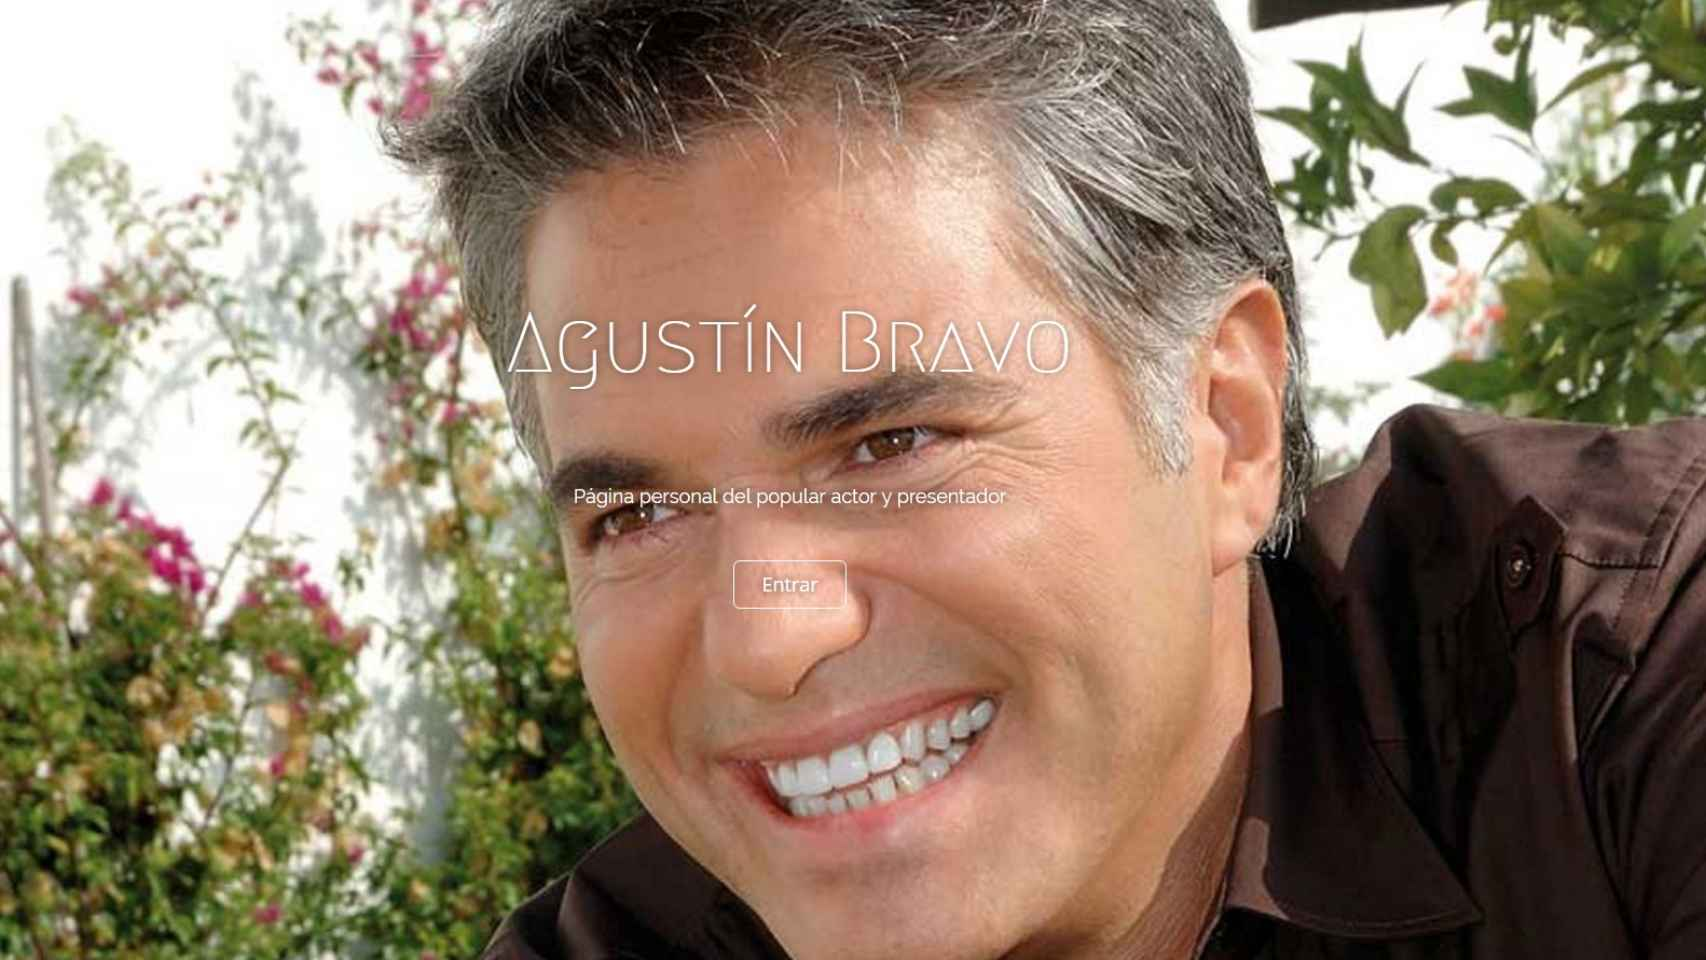 El presentador Agustín Bravo en la portada de su web.